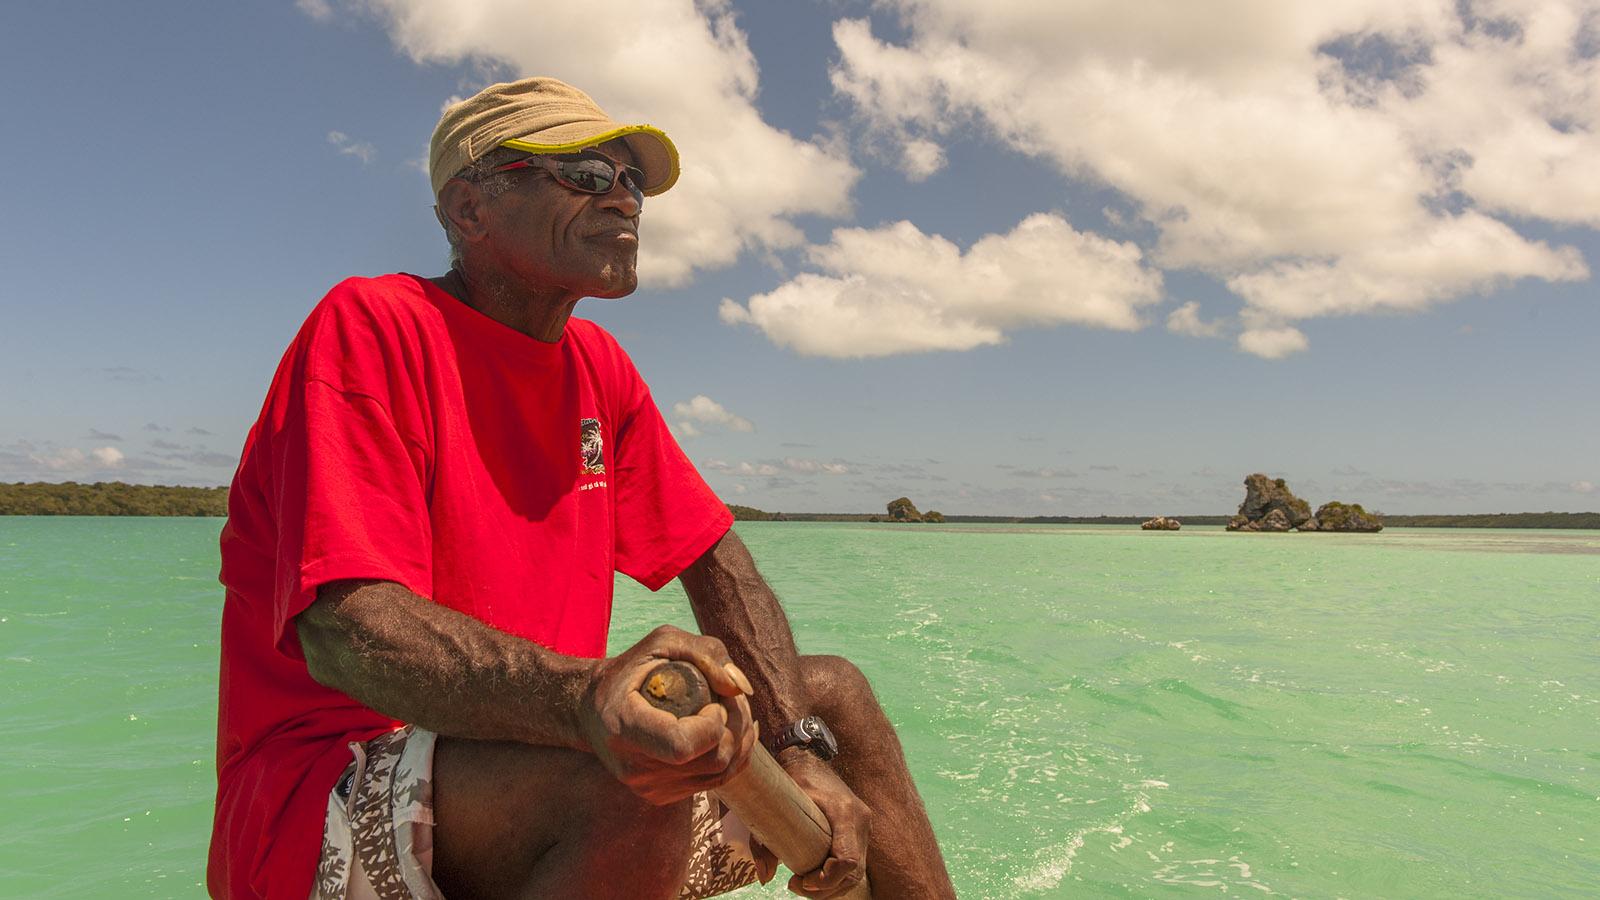 Neukaledonien: Edmond nimmt euch im Auslegerkanu mit zu eiem Törn durch die Baie d'Upi. Die türkisblaue Bucht mit ihren Fabelfelsen findet ihr auf der Île des Pins. Foto: Hilke Maunder